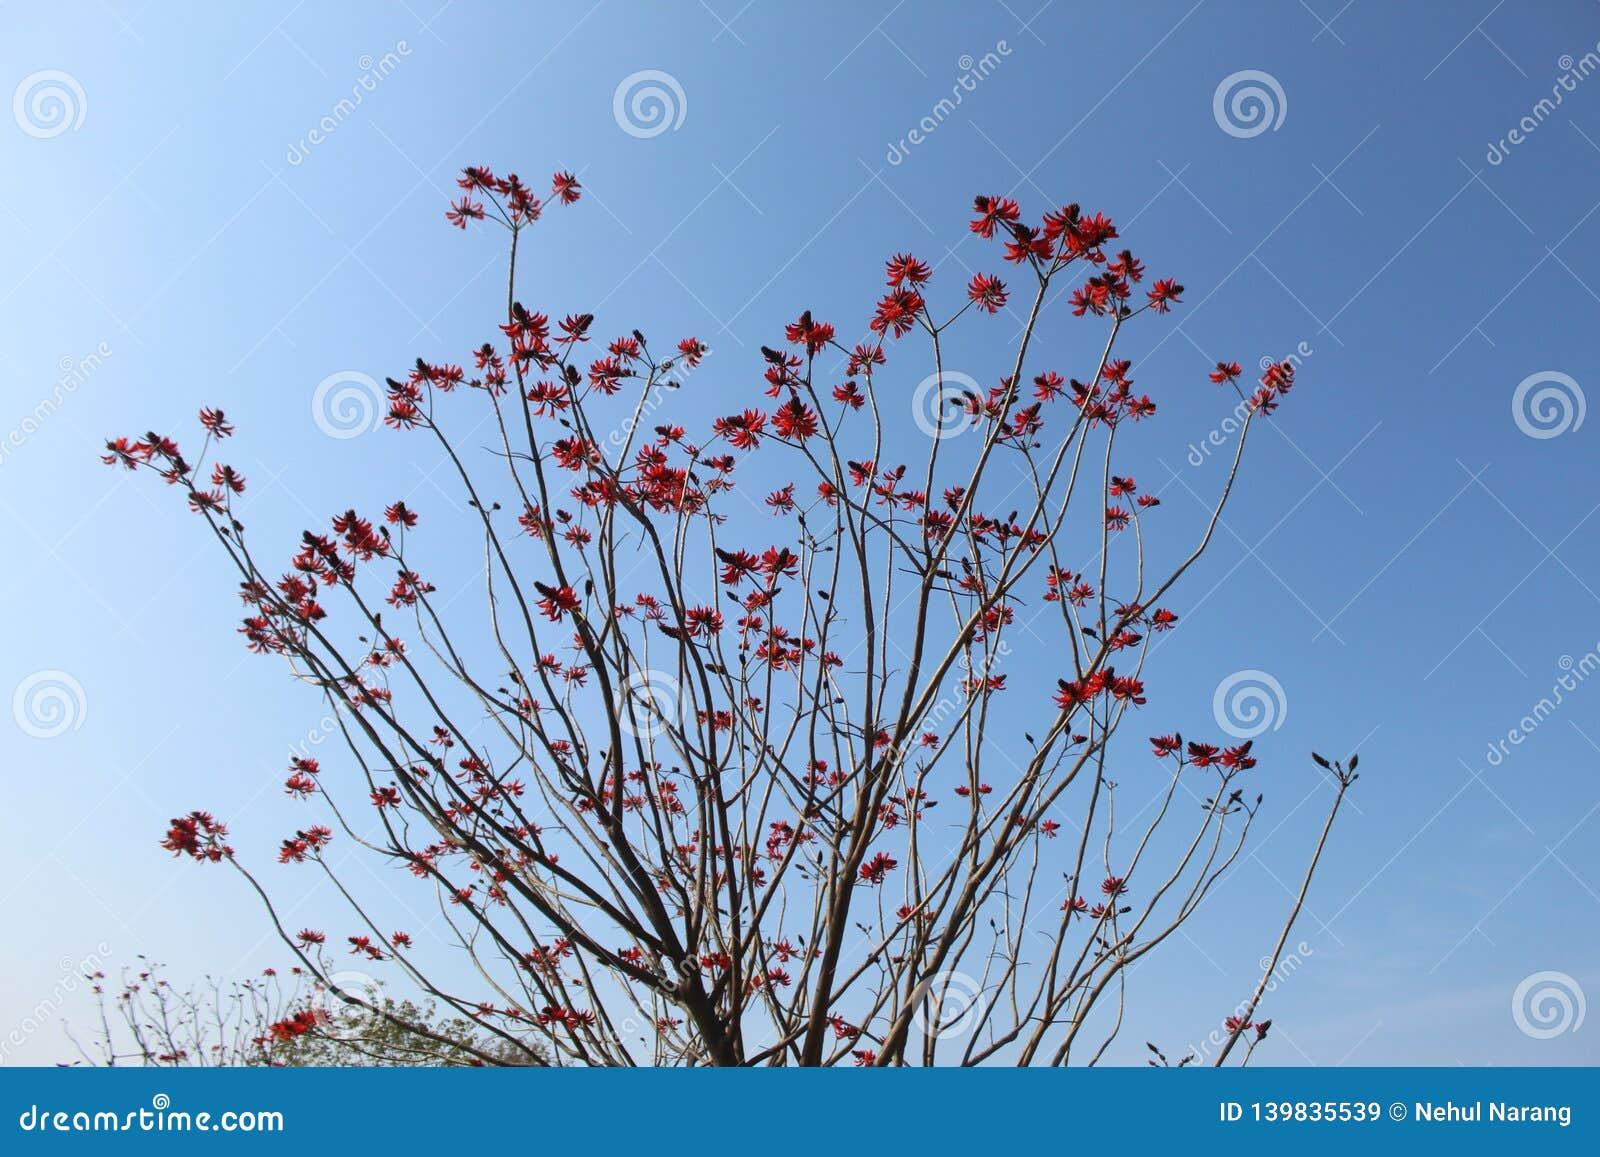 Een bos van unieke rode bloemen die op een boom hangen